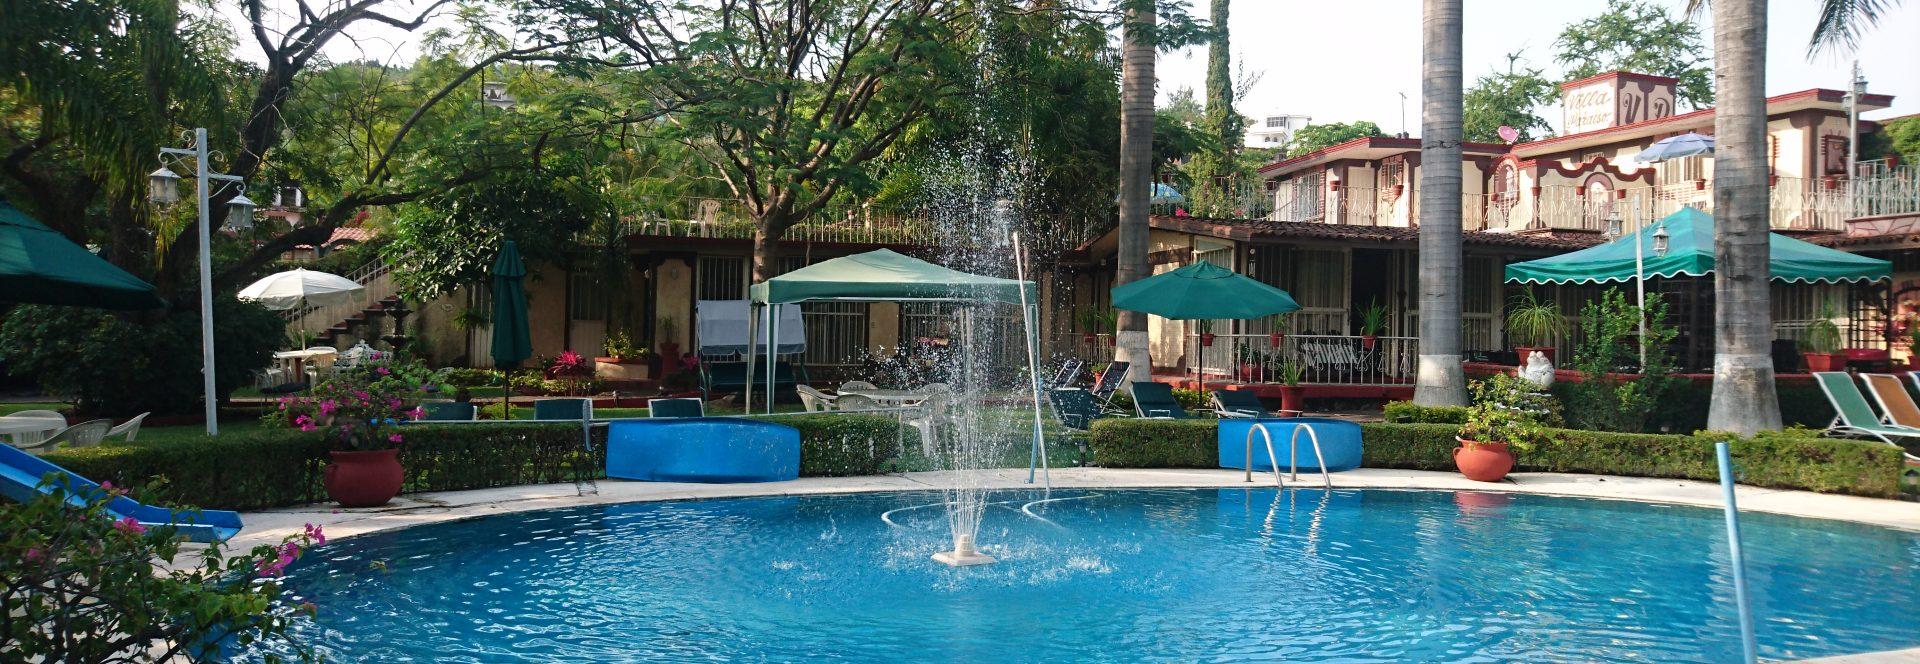 Renta de casas en cuernavaca para fin de semana vacaciones for Renta casa minimalista cuernavaca